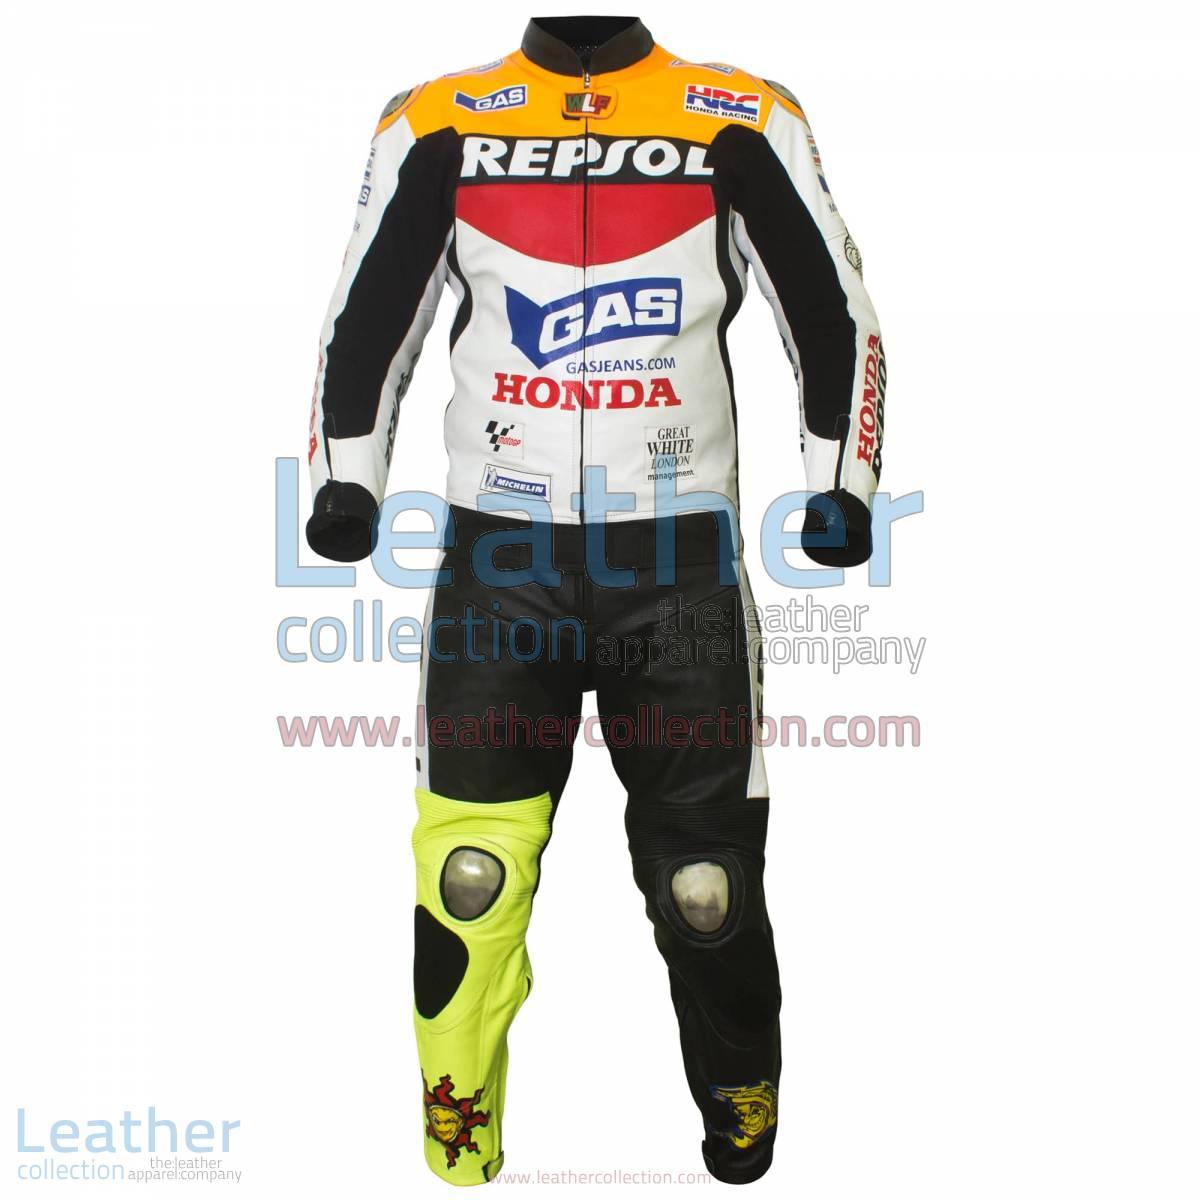 Valentino Rossi Repsol Honda MotoGP 2003 Leathers | valentino rossi leathers